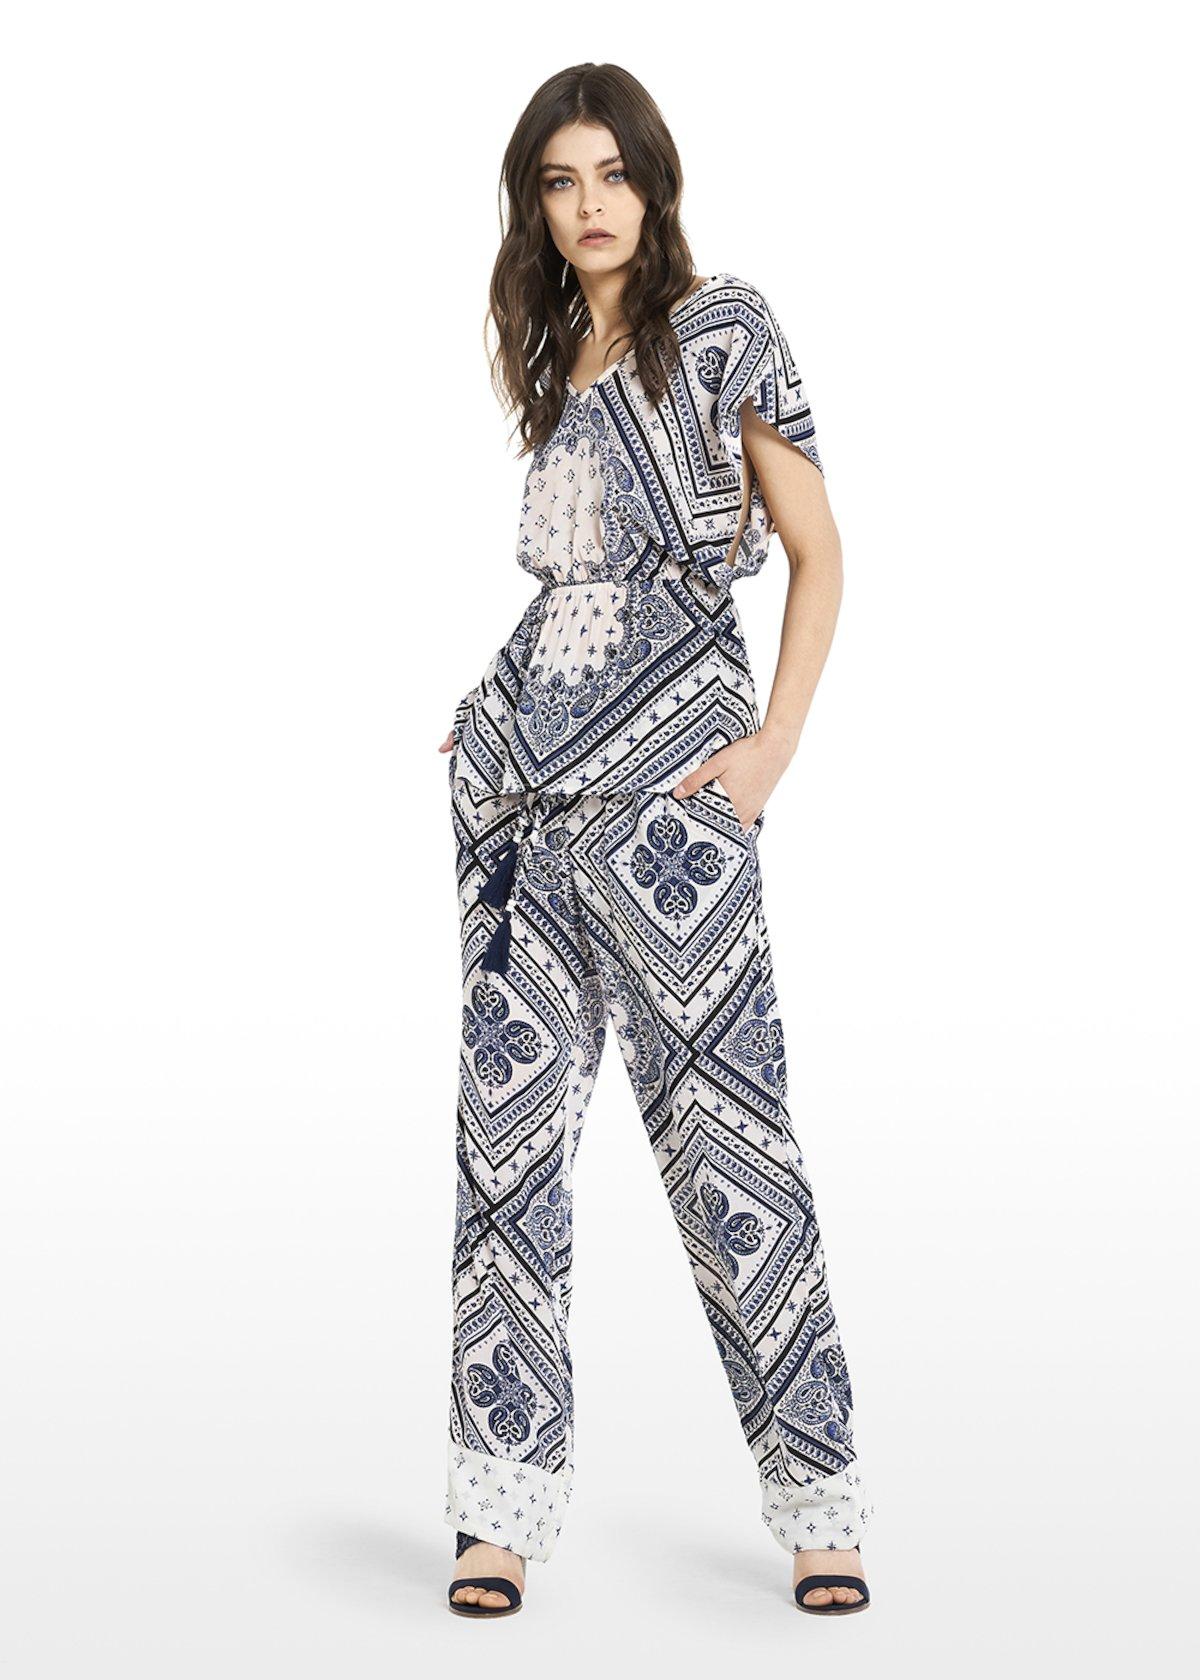 Pantaloni Parker all over printed con ricamo - White / Avion  Fantasia - Donna